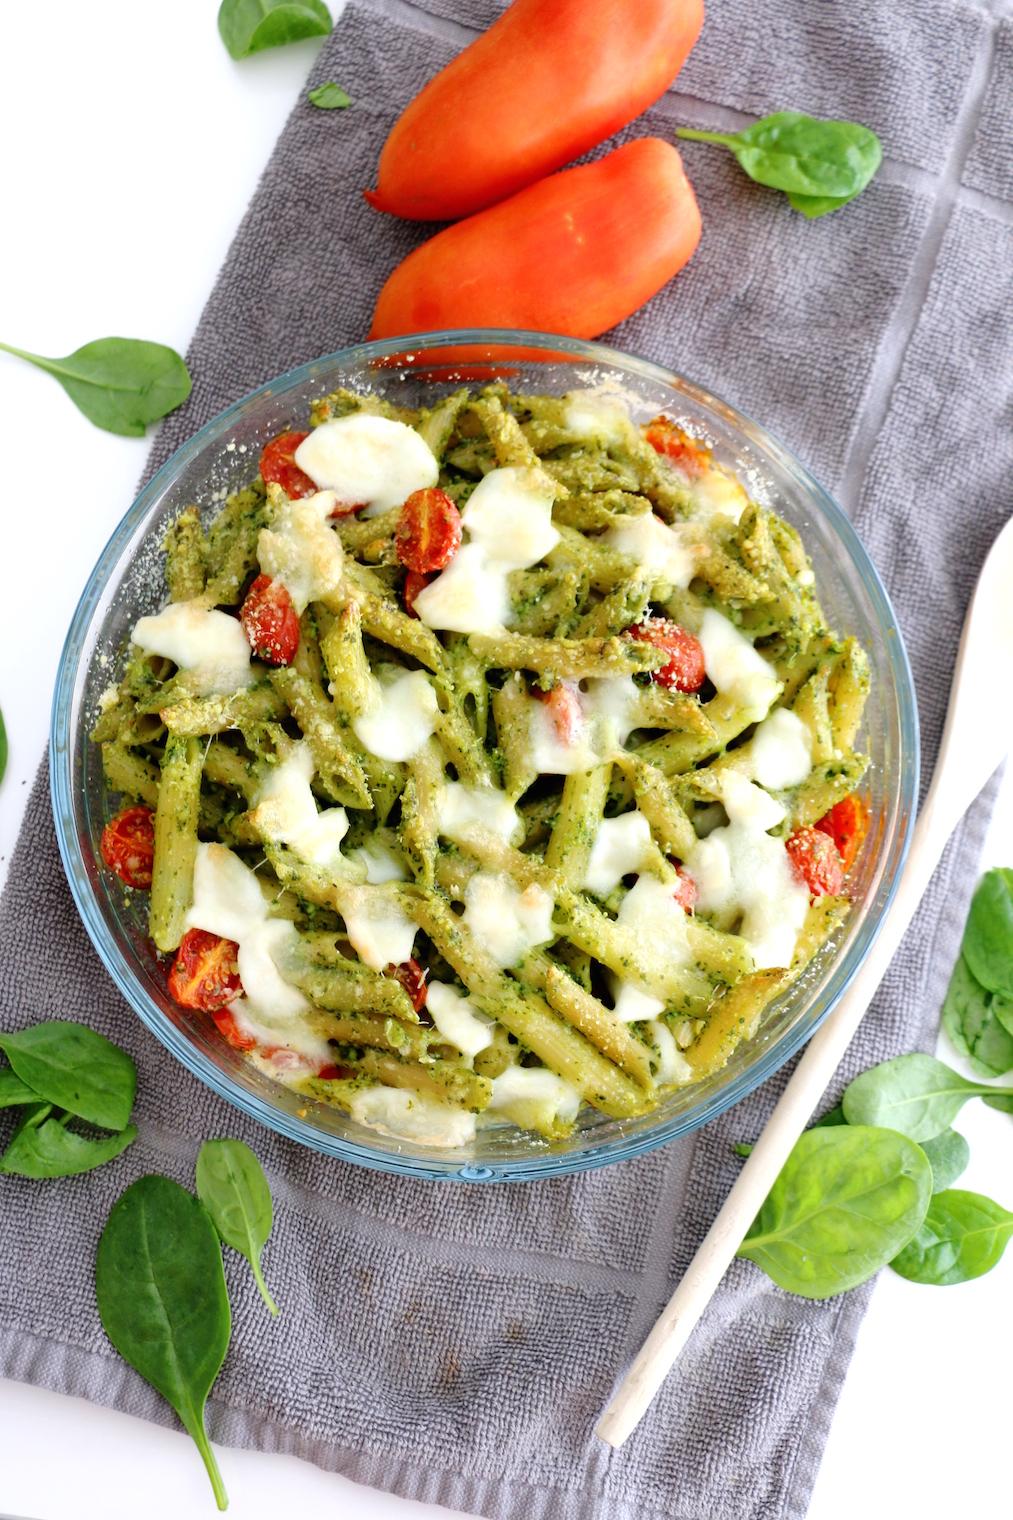 spinach pesto and mozzarella pasta bake